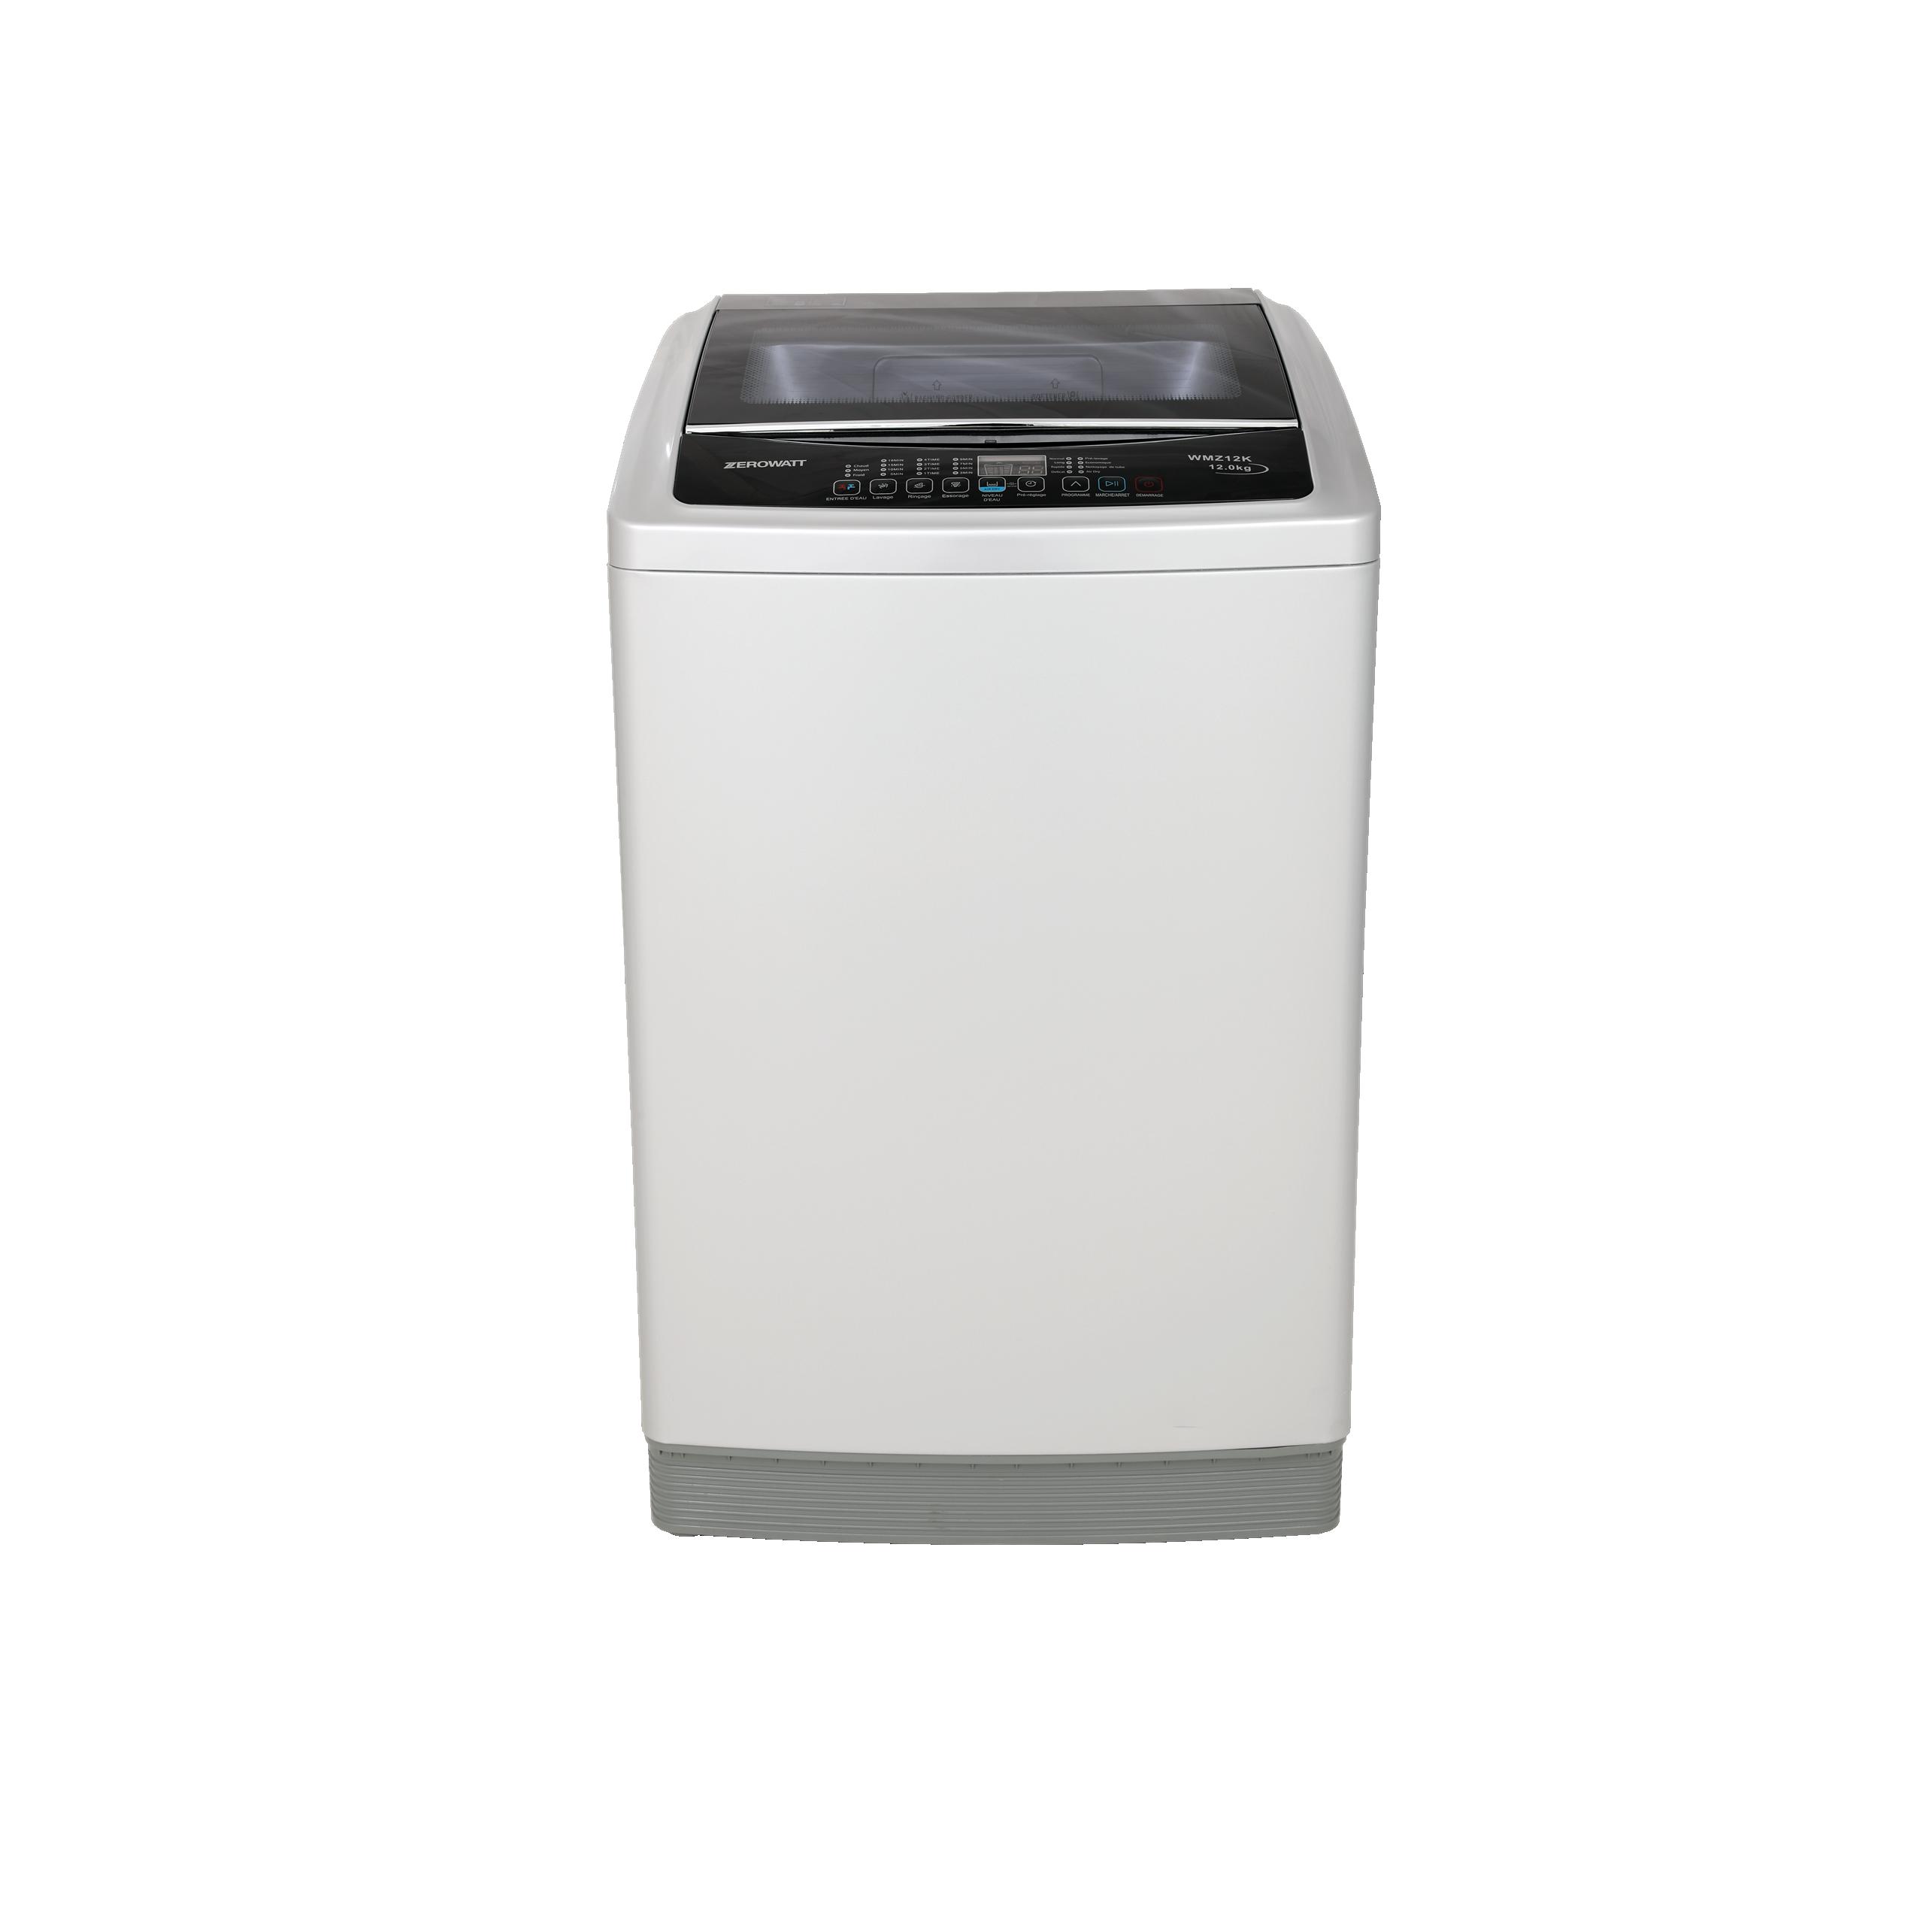 machine laver top 12 kg sim. Black Bedroom Furniture Sets. Home Design Ideas